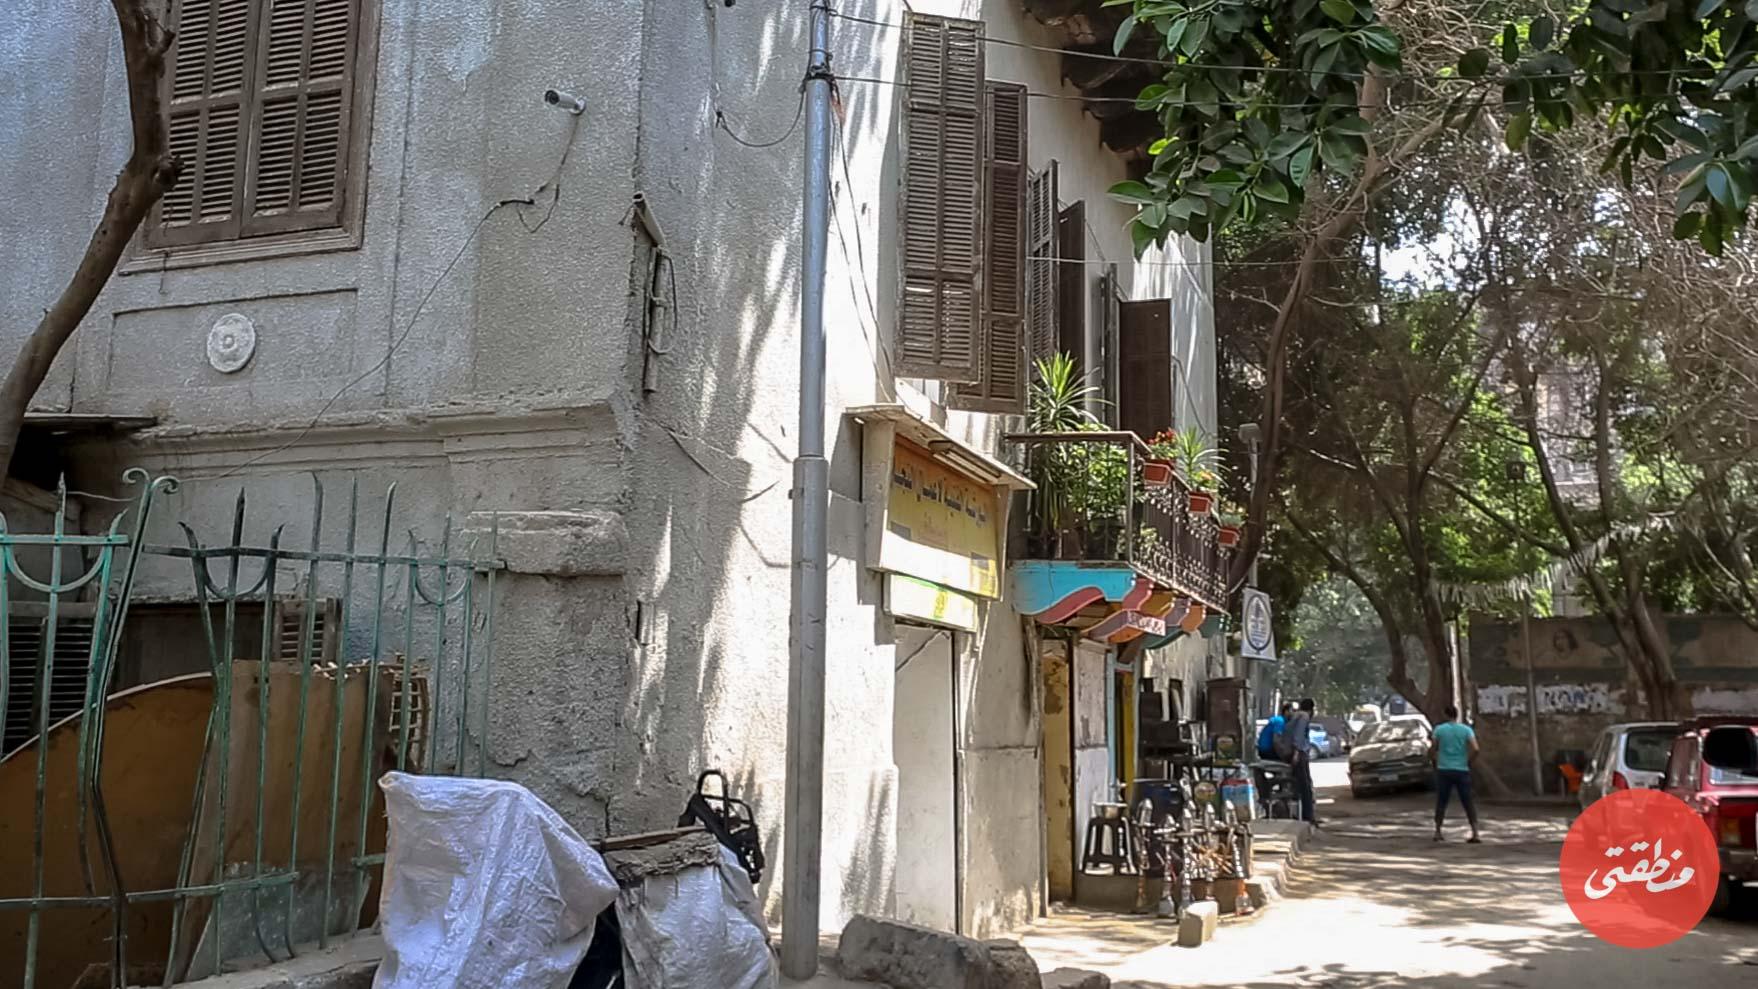 يسارً مبنى تاون هاوس جاليري بعد ترميمه - تصوير: عبد الرحمن محمد